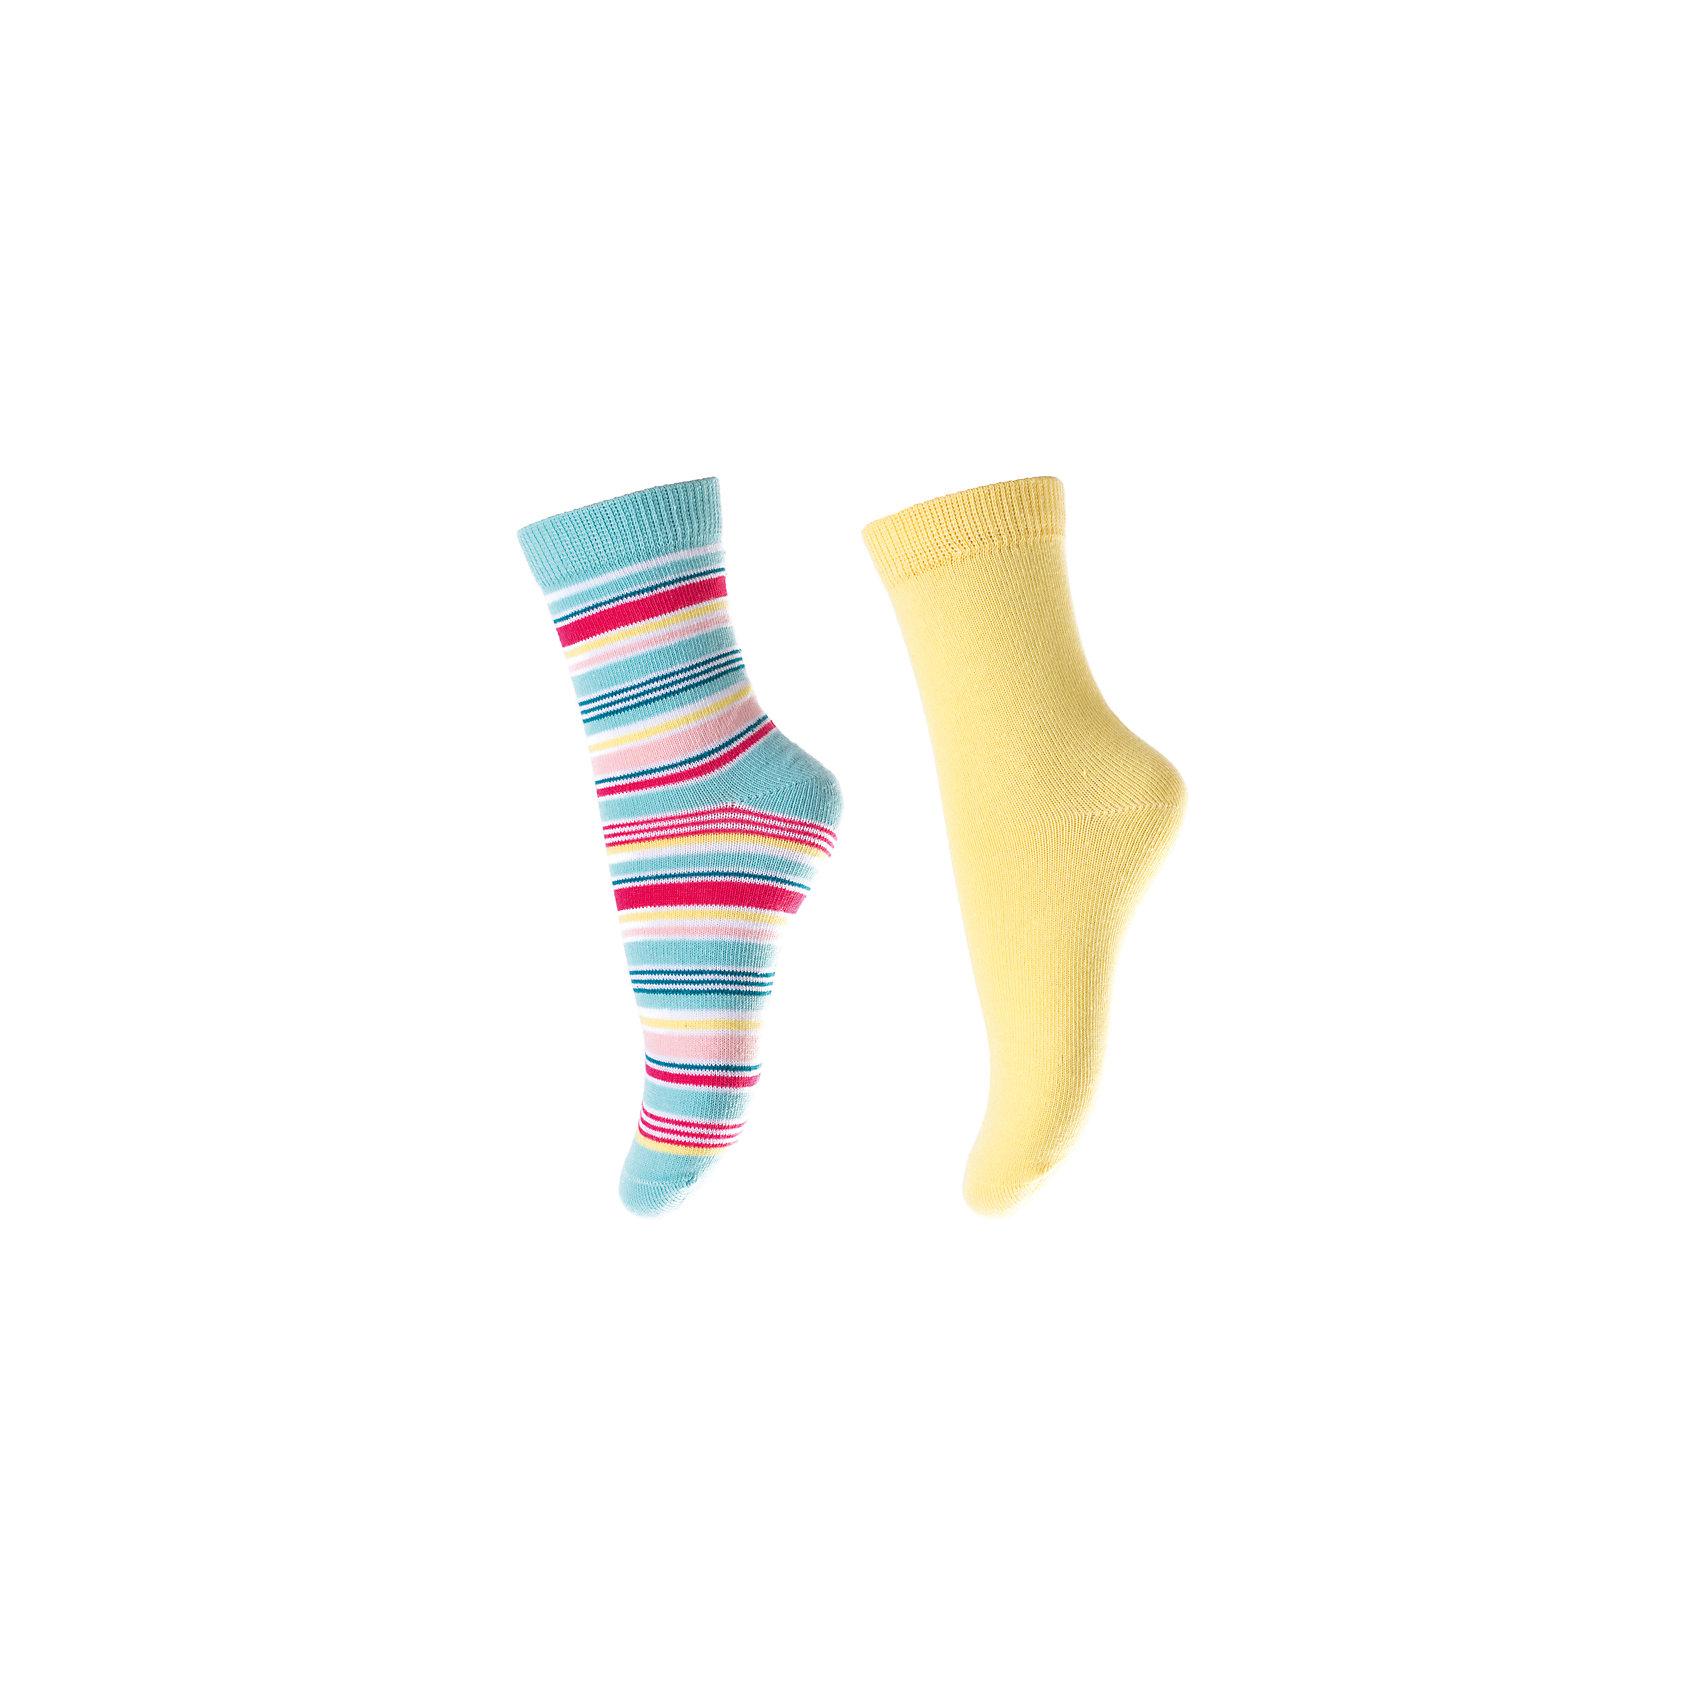 Носки для девочки PlayTodayНоски<br>Носки для девочки PlayToday<br>Носки очень мягкие, из качественных материалов, приятны к телу и не сковывают движений. Хорошо пропускают воздух, тем самым позволяя коже дышать.  Даже частые стирки, при условии соблюдений рекомендаций по уходу, не изменят ни форму, ни цвет изделий. <br><br>Преимущества: <br><br>Мягкие, выполненные из натуральных материалов, приятны к телу, не сковывают движений<br>Хорошо пропускают воздух, позволяя тем самым коже дышать<br>Даже частые стирки, при условии соблюдений рекомендаций по уходу, не изменят ни форму, ни цвет изделия<br><br>Состав:<br>75% хлопок, 22% нейлон, 3% эластан<br><br>Ширина мм: 87<br>Глубина мм: 10<br>Высота мм: 105<br>Вес г: 115<br>Цвет: разноцветный<br>Возраст от месяцев: 84<br>Возраст до месяцев: 96<br>Пол: Женский<br>Возраст: Детский<br>Размер: 18,14,16<br>SKU: 5403776